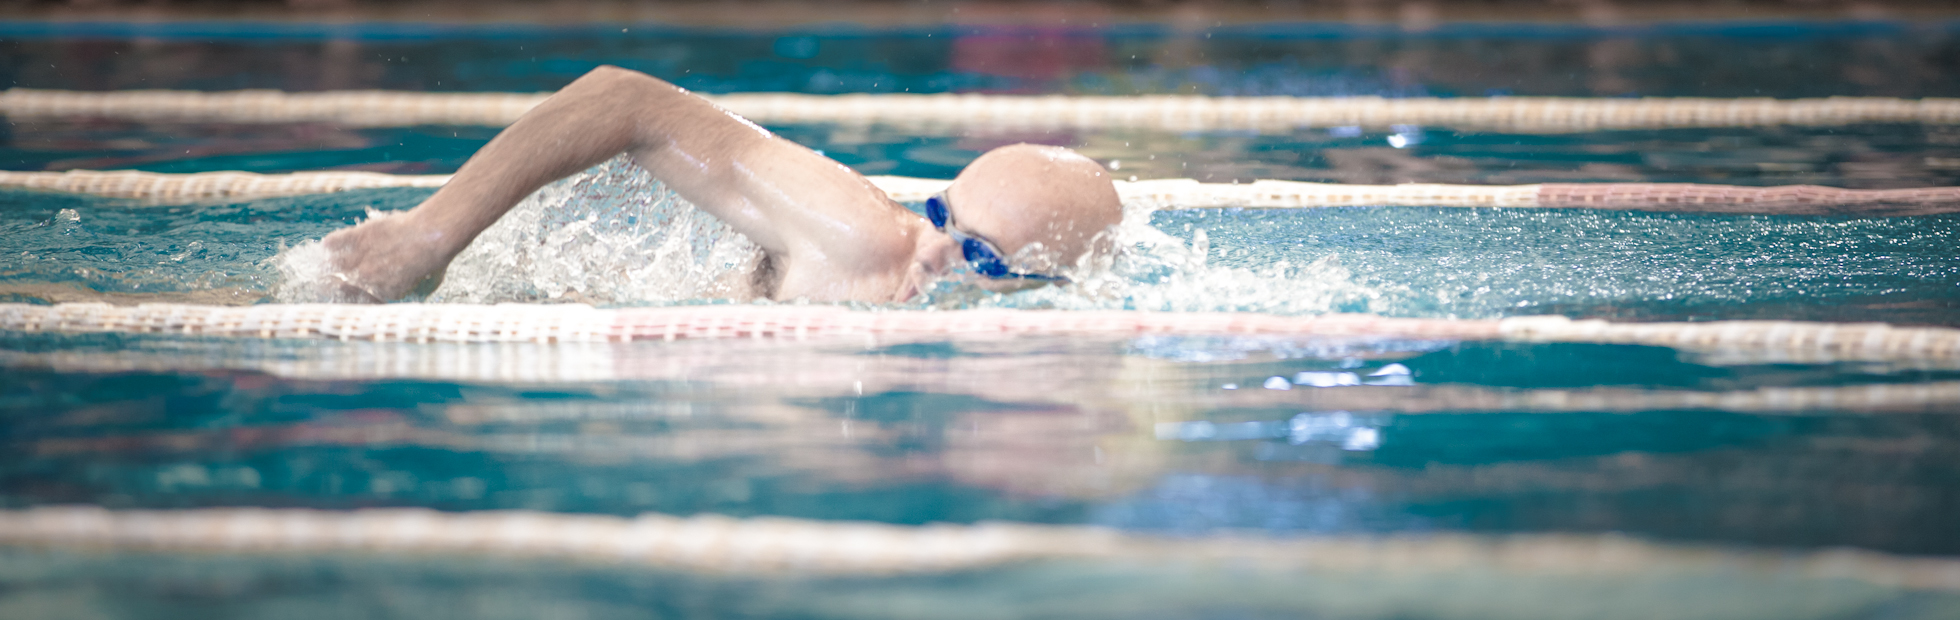 Piscine acquasport cagliari societ sportiva for Orari apertura bricoman cagliari